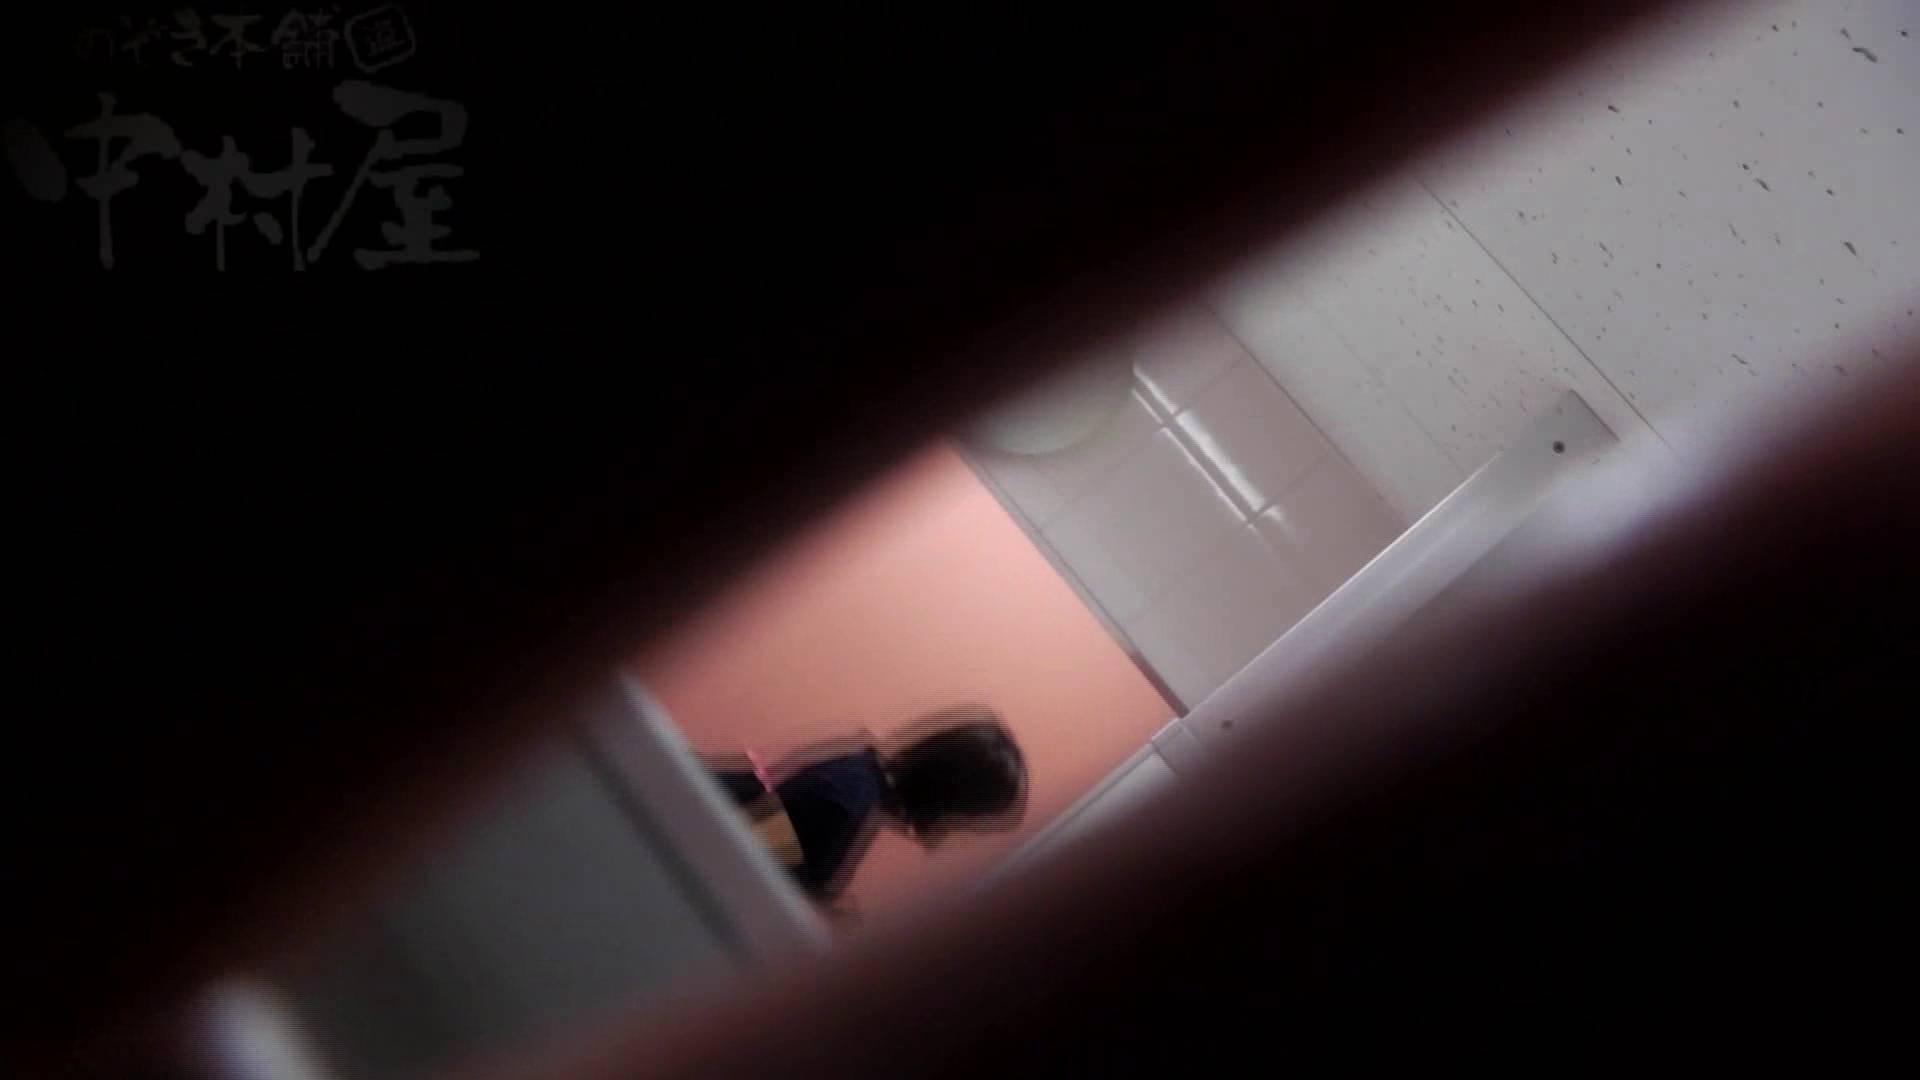 美しい日本の未来 No.22 未来進歩3 感動レベル予告のモデルつい登場か!! 排泄 女性器鑑賞 60連発 39